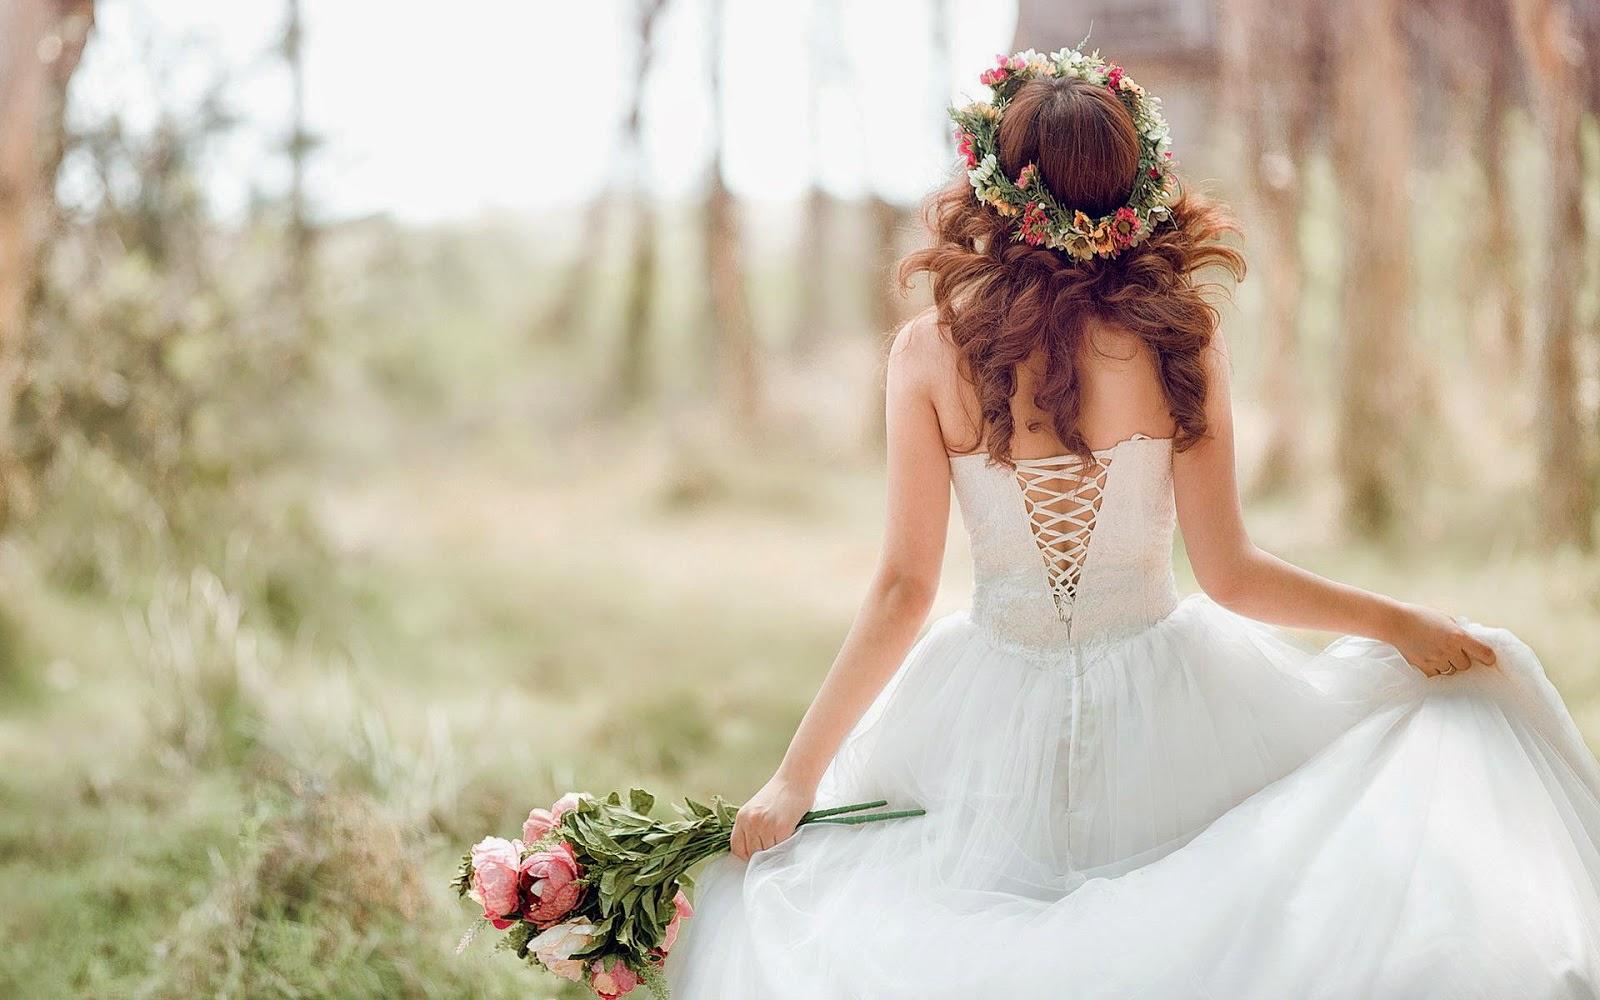 Rüyada Düğününüzü Planladığınızı Görmek